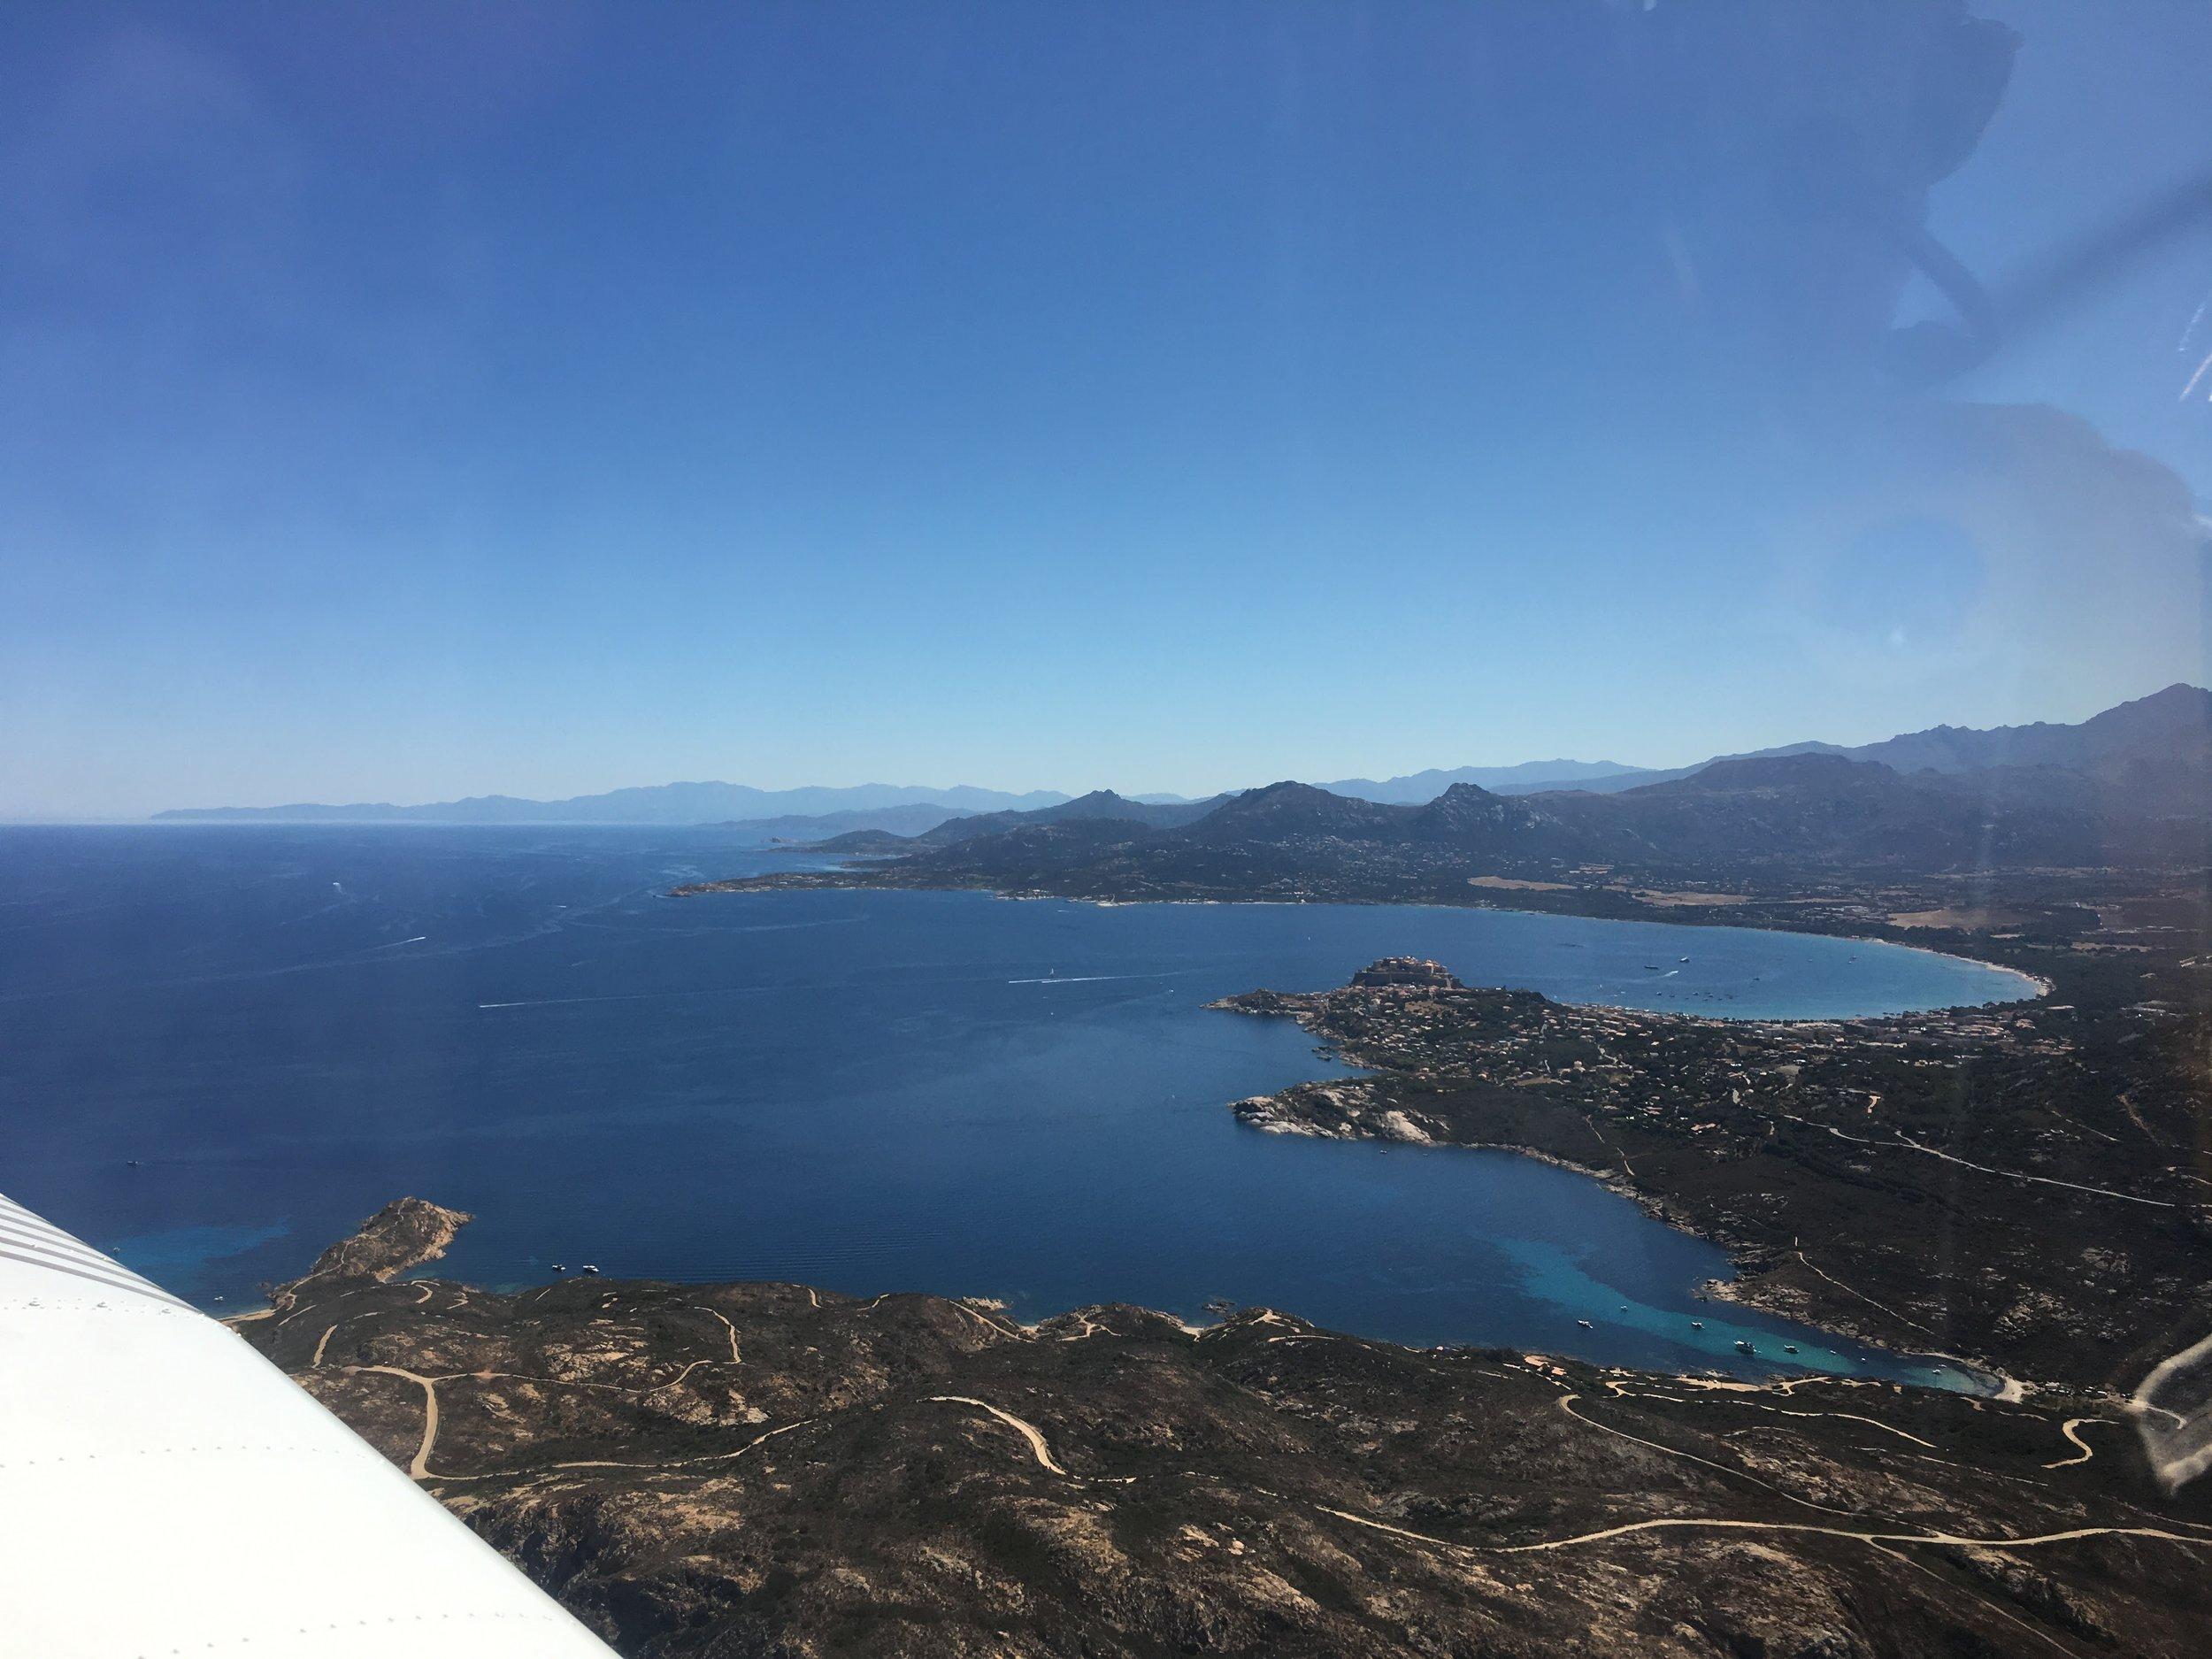 Flying into Calvi, Corsica